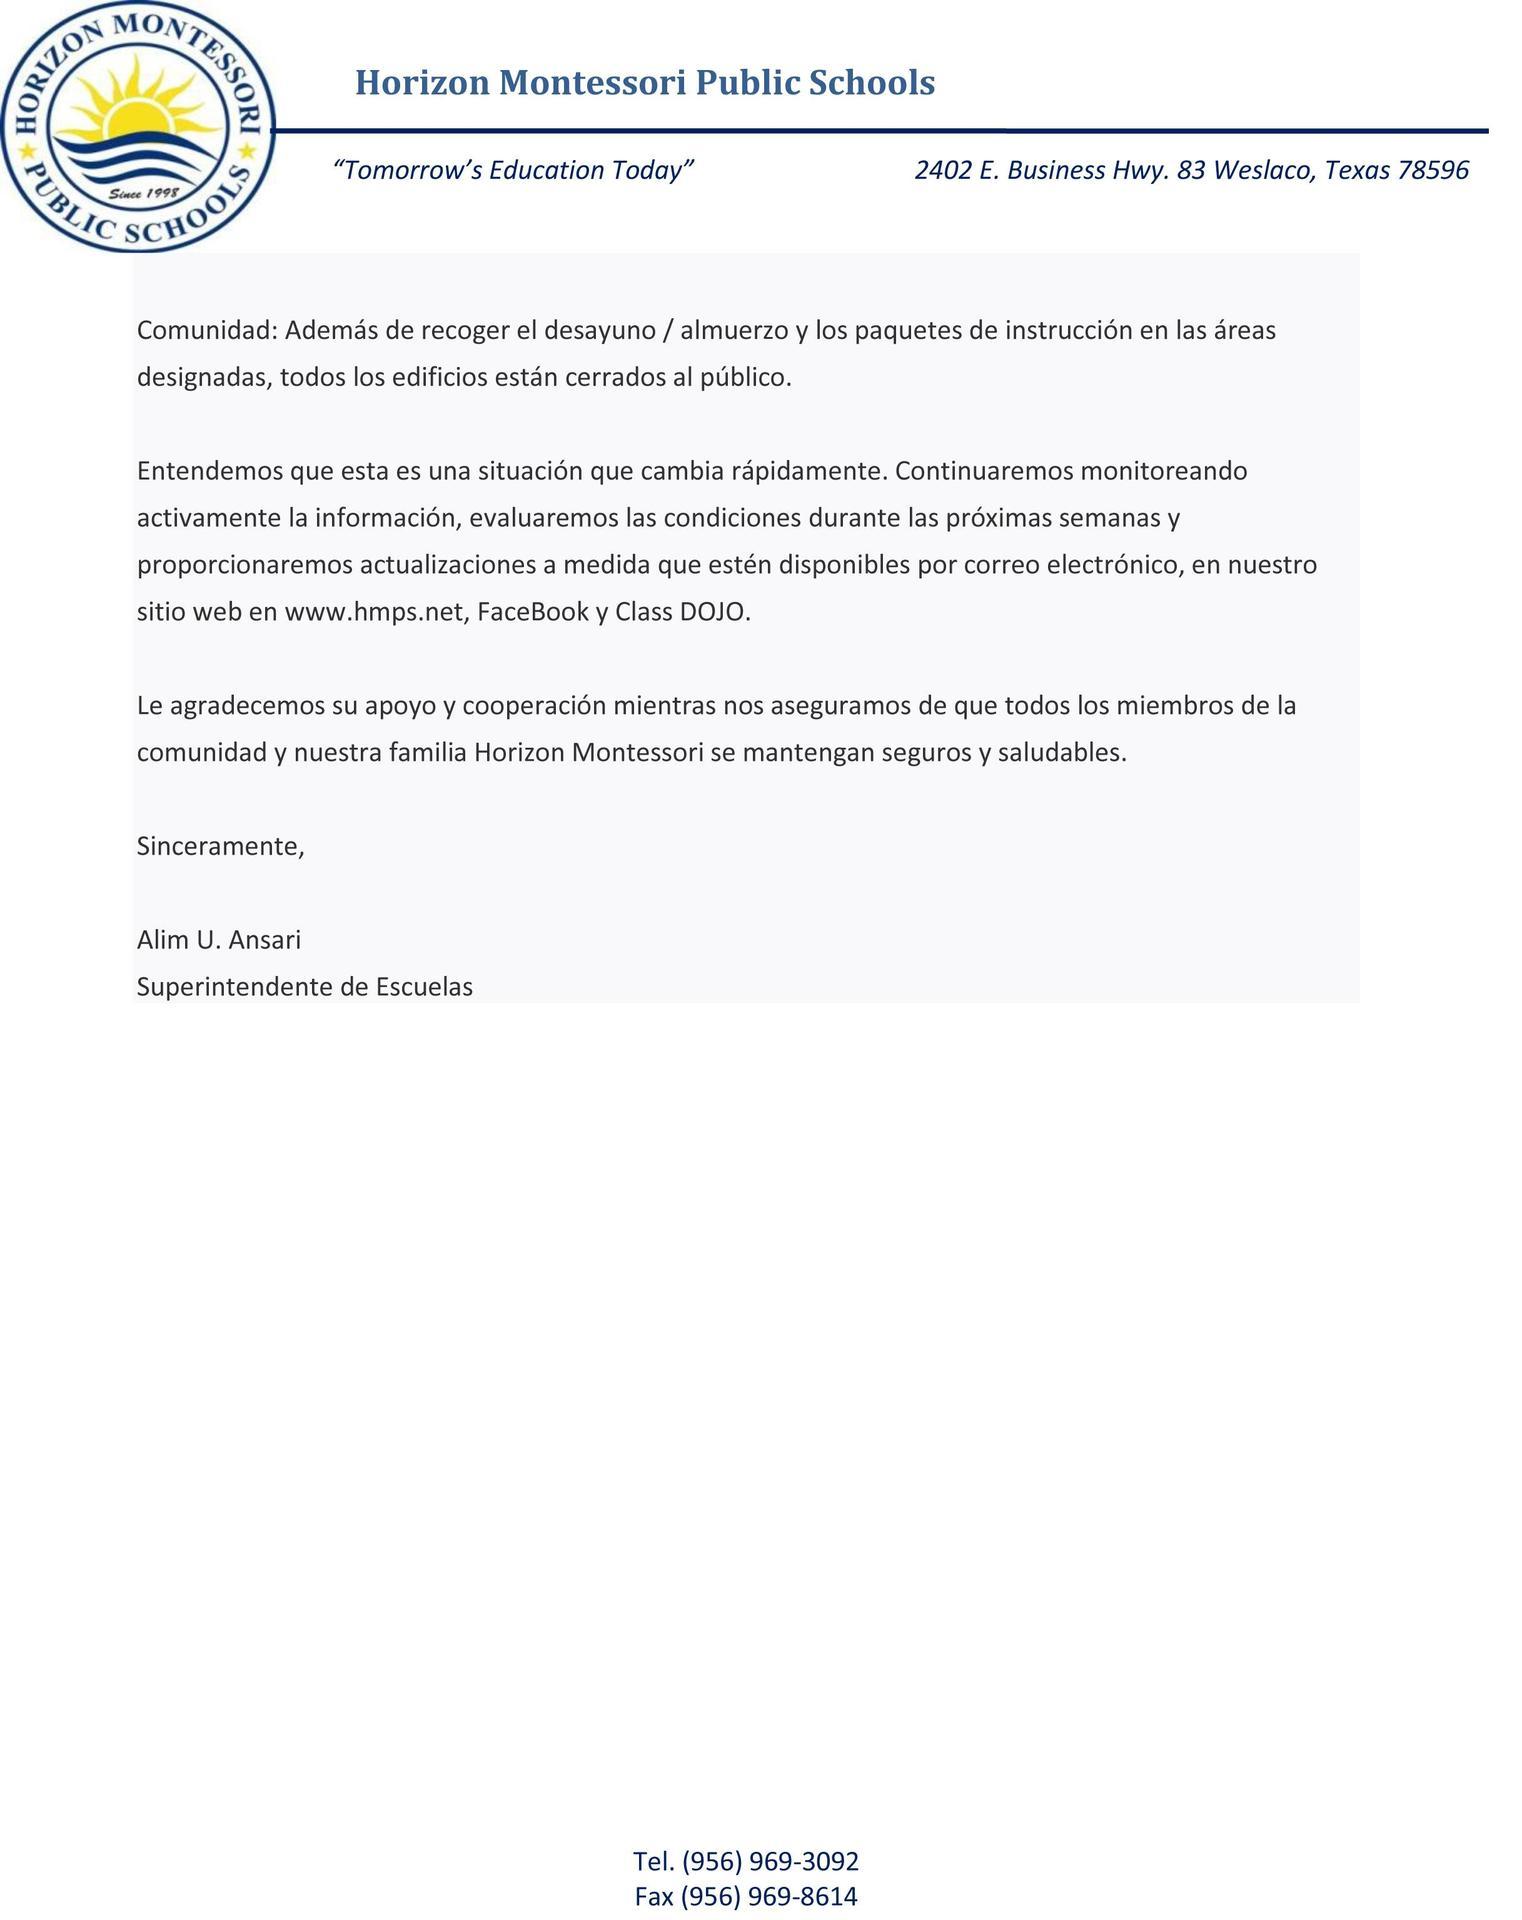 Spanish letter 2